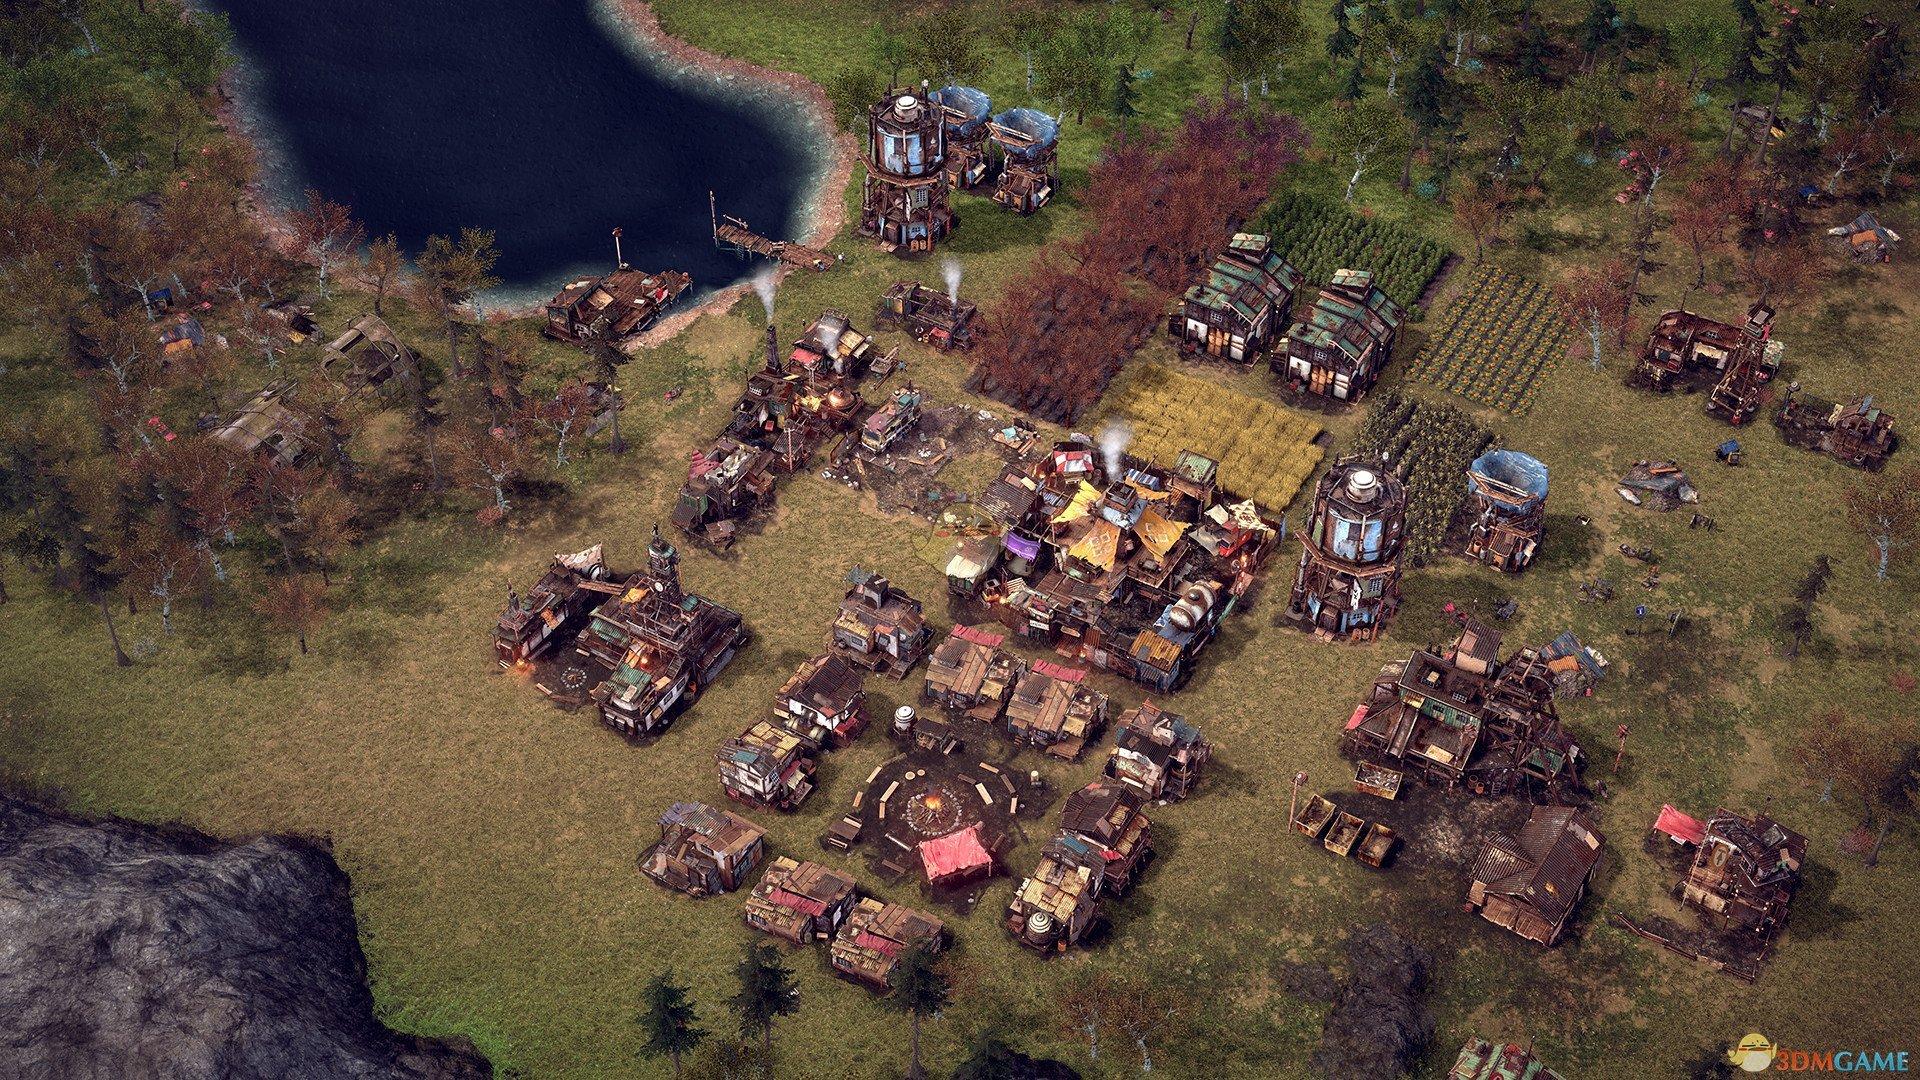 《末日地带:与世隔绝》游戏特色介绍